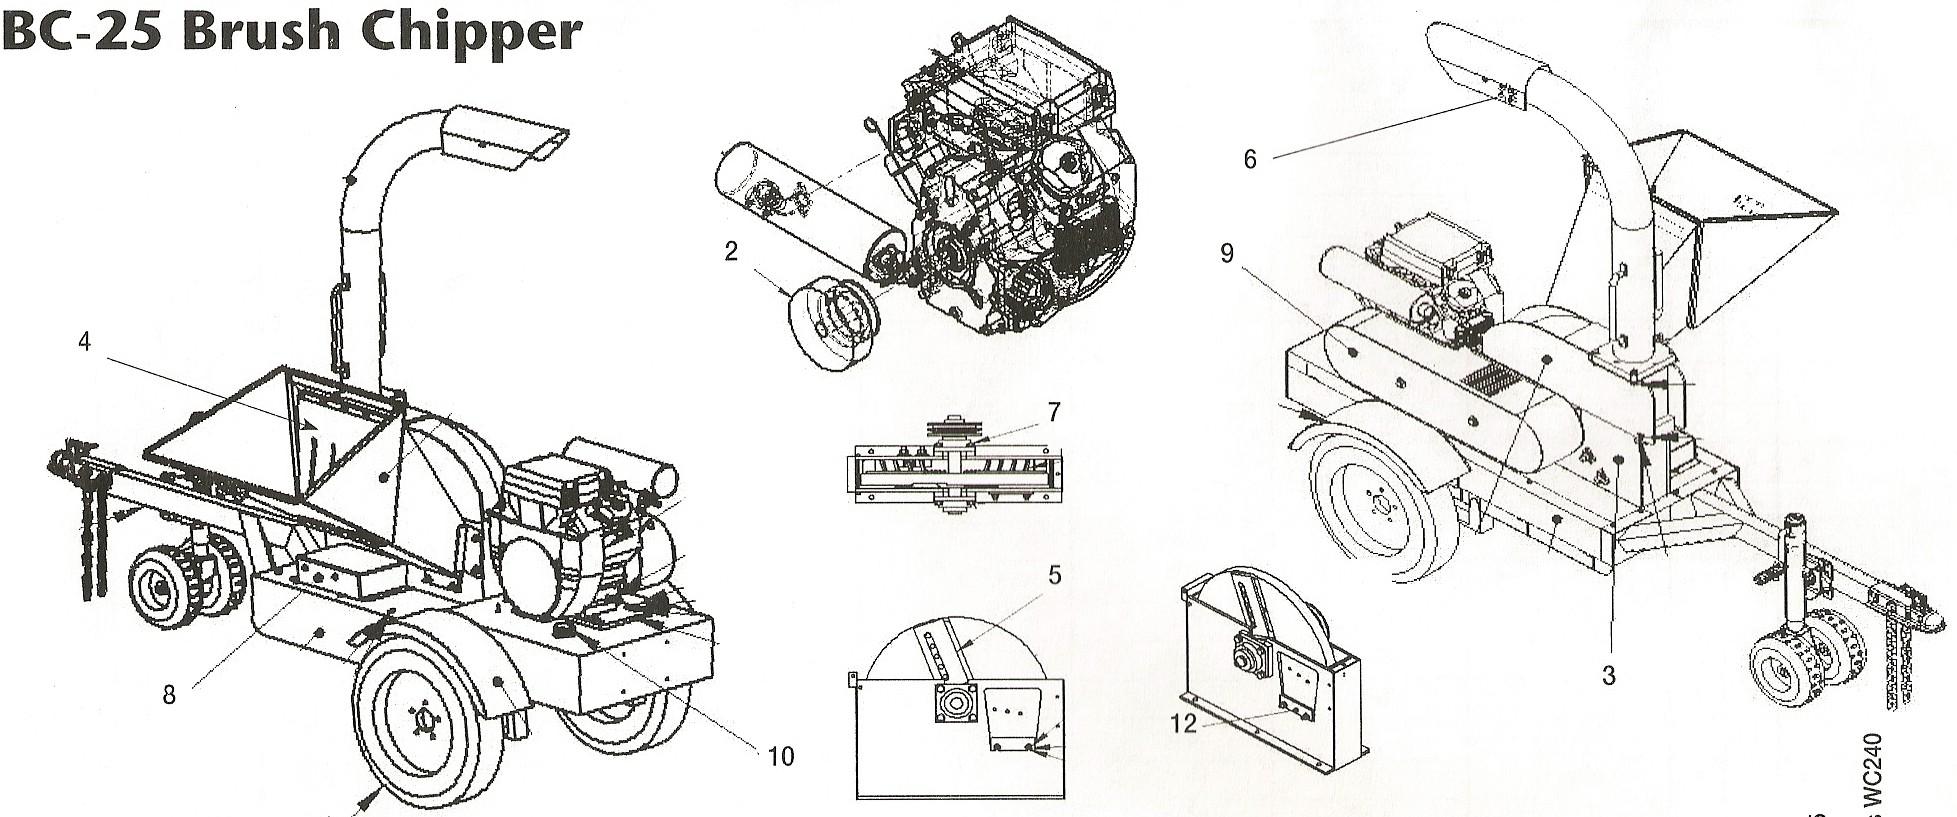 Toro Bc 25 Brush Chipper And Toro Ls 9 Log Splitter Parts